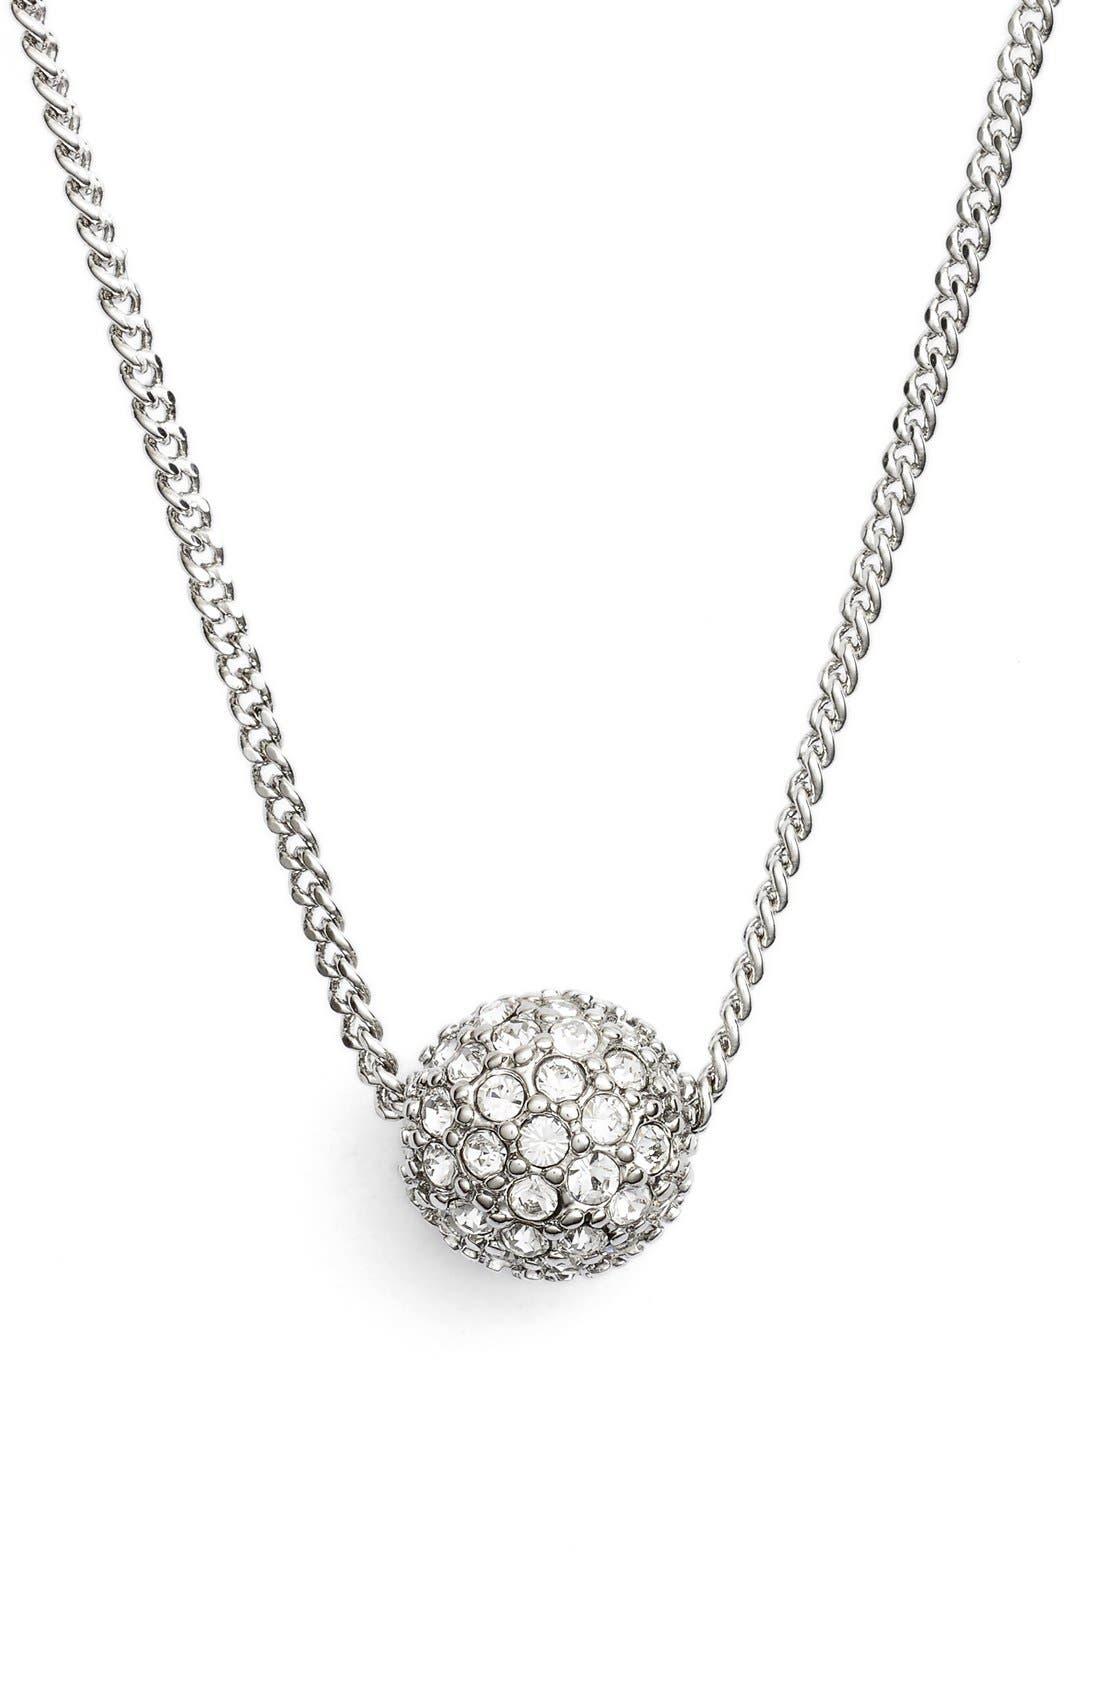 'Fireball' Pendant Necklace,                             Main thumbnail 1, color,                             Silver